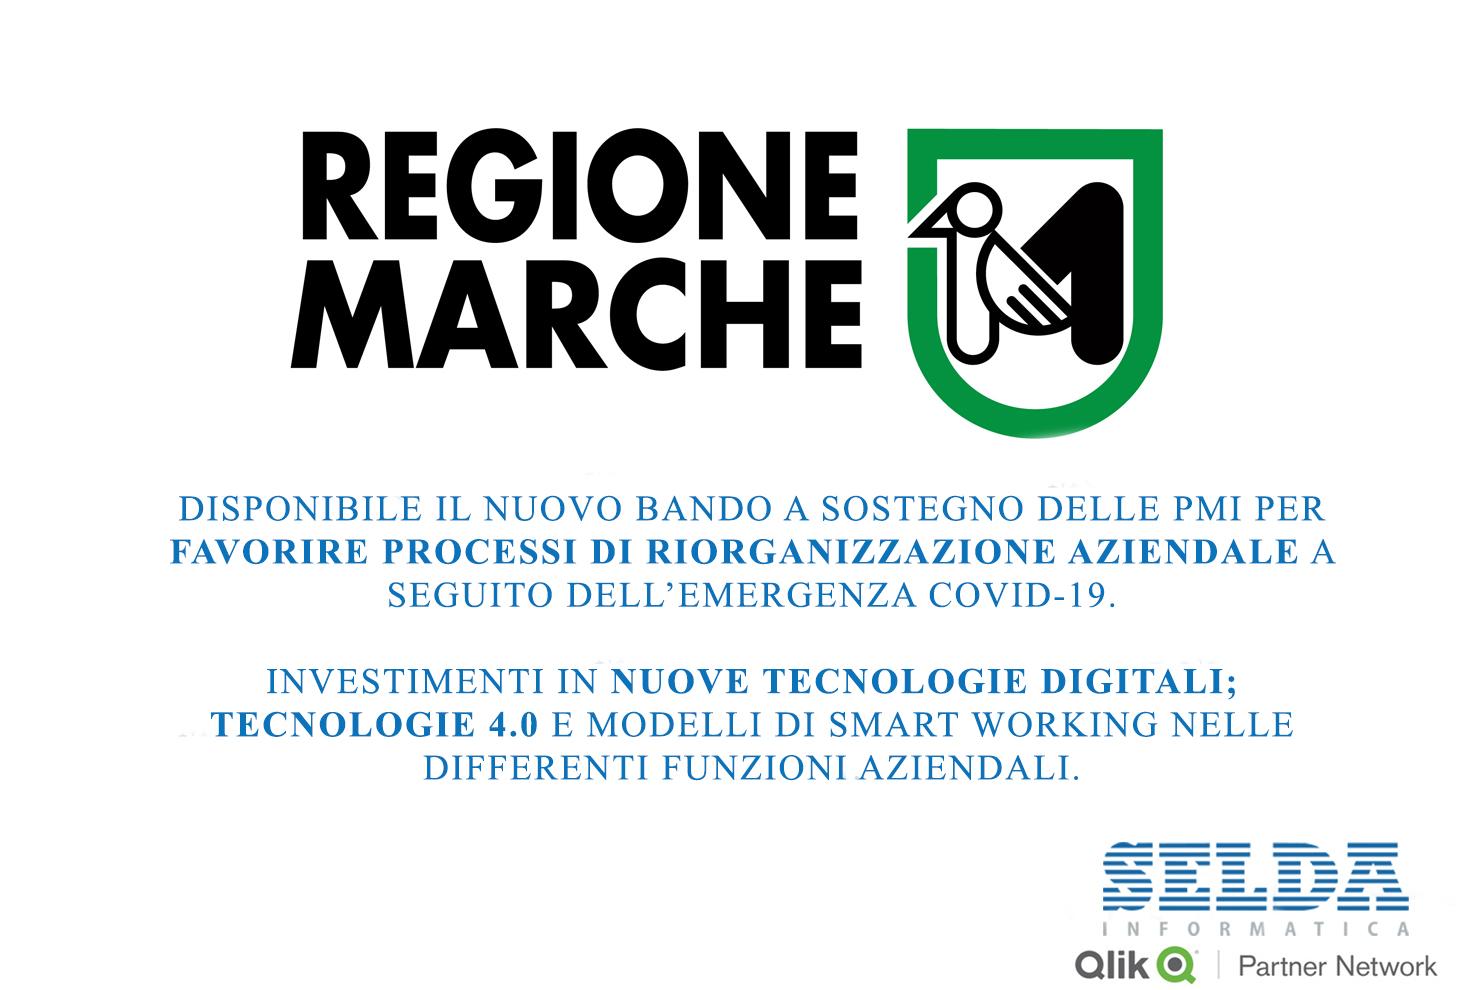 Bando Regione Marche per Investimenti in Nuove Tecnologie Digitali per le Aziende